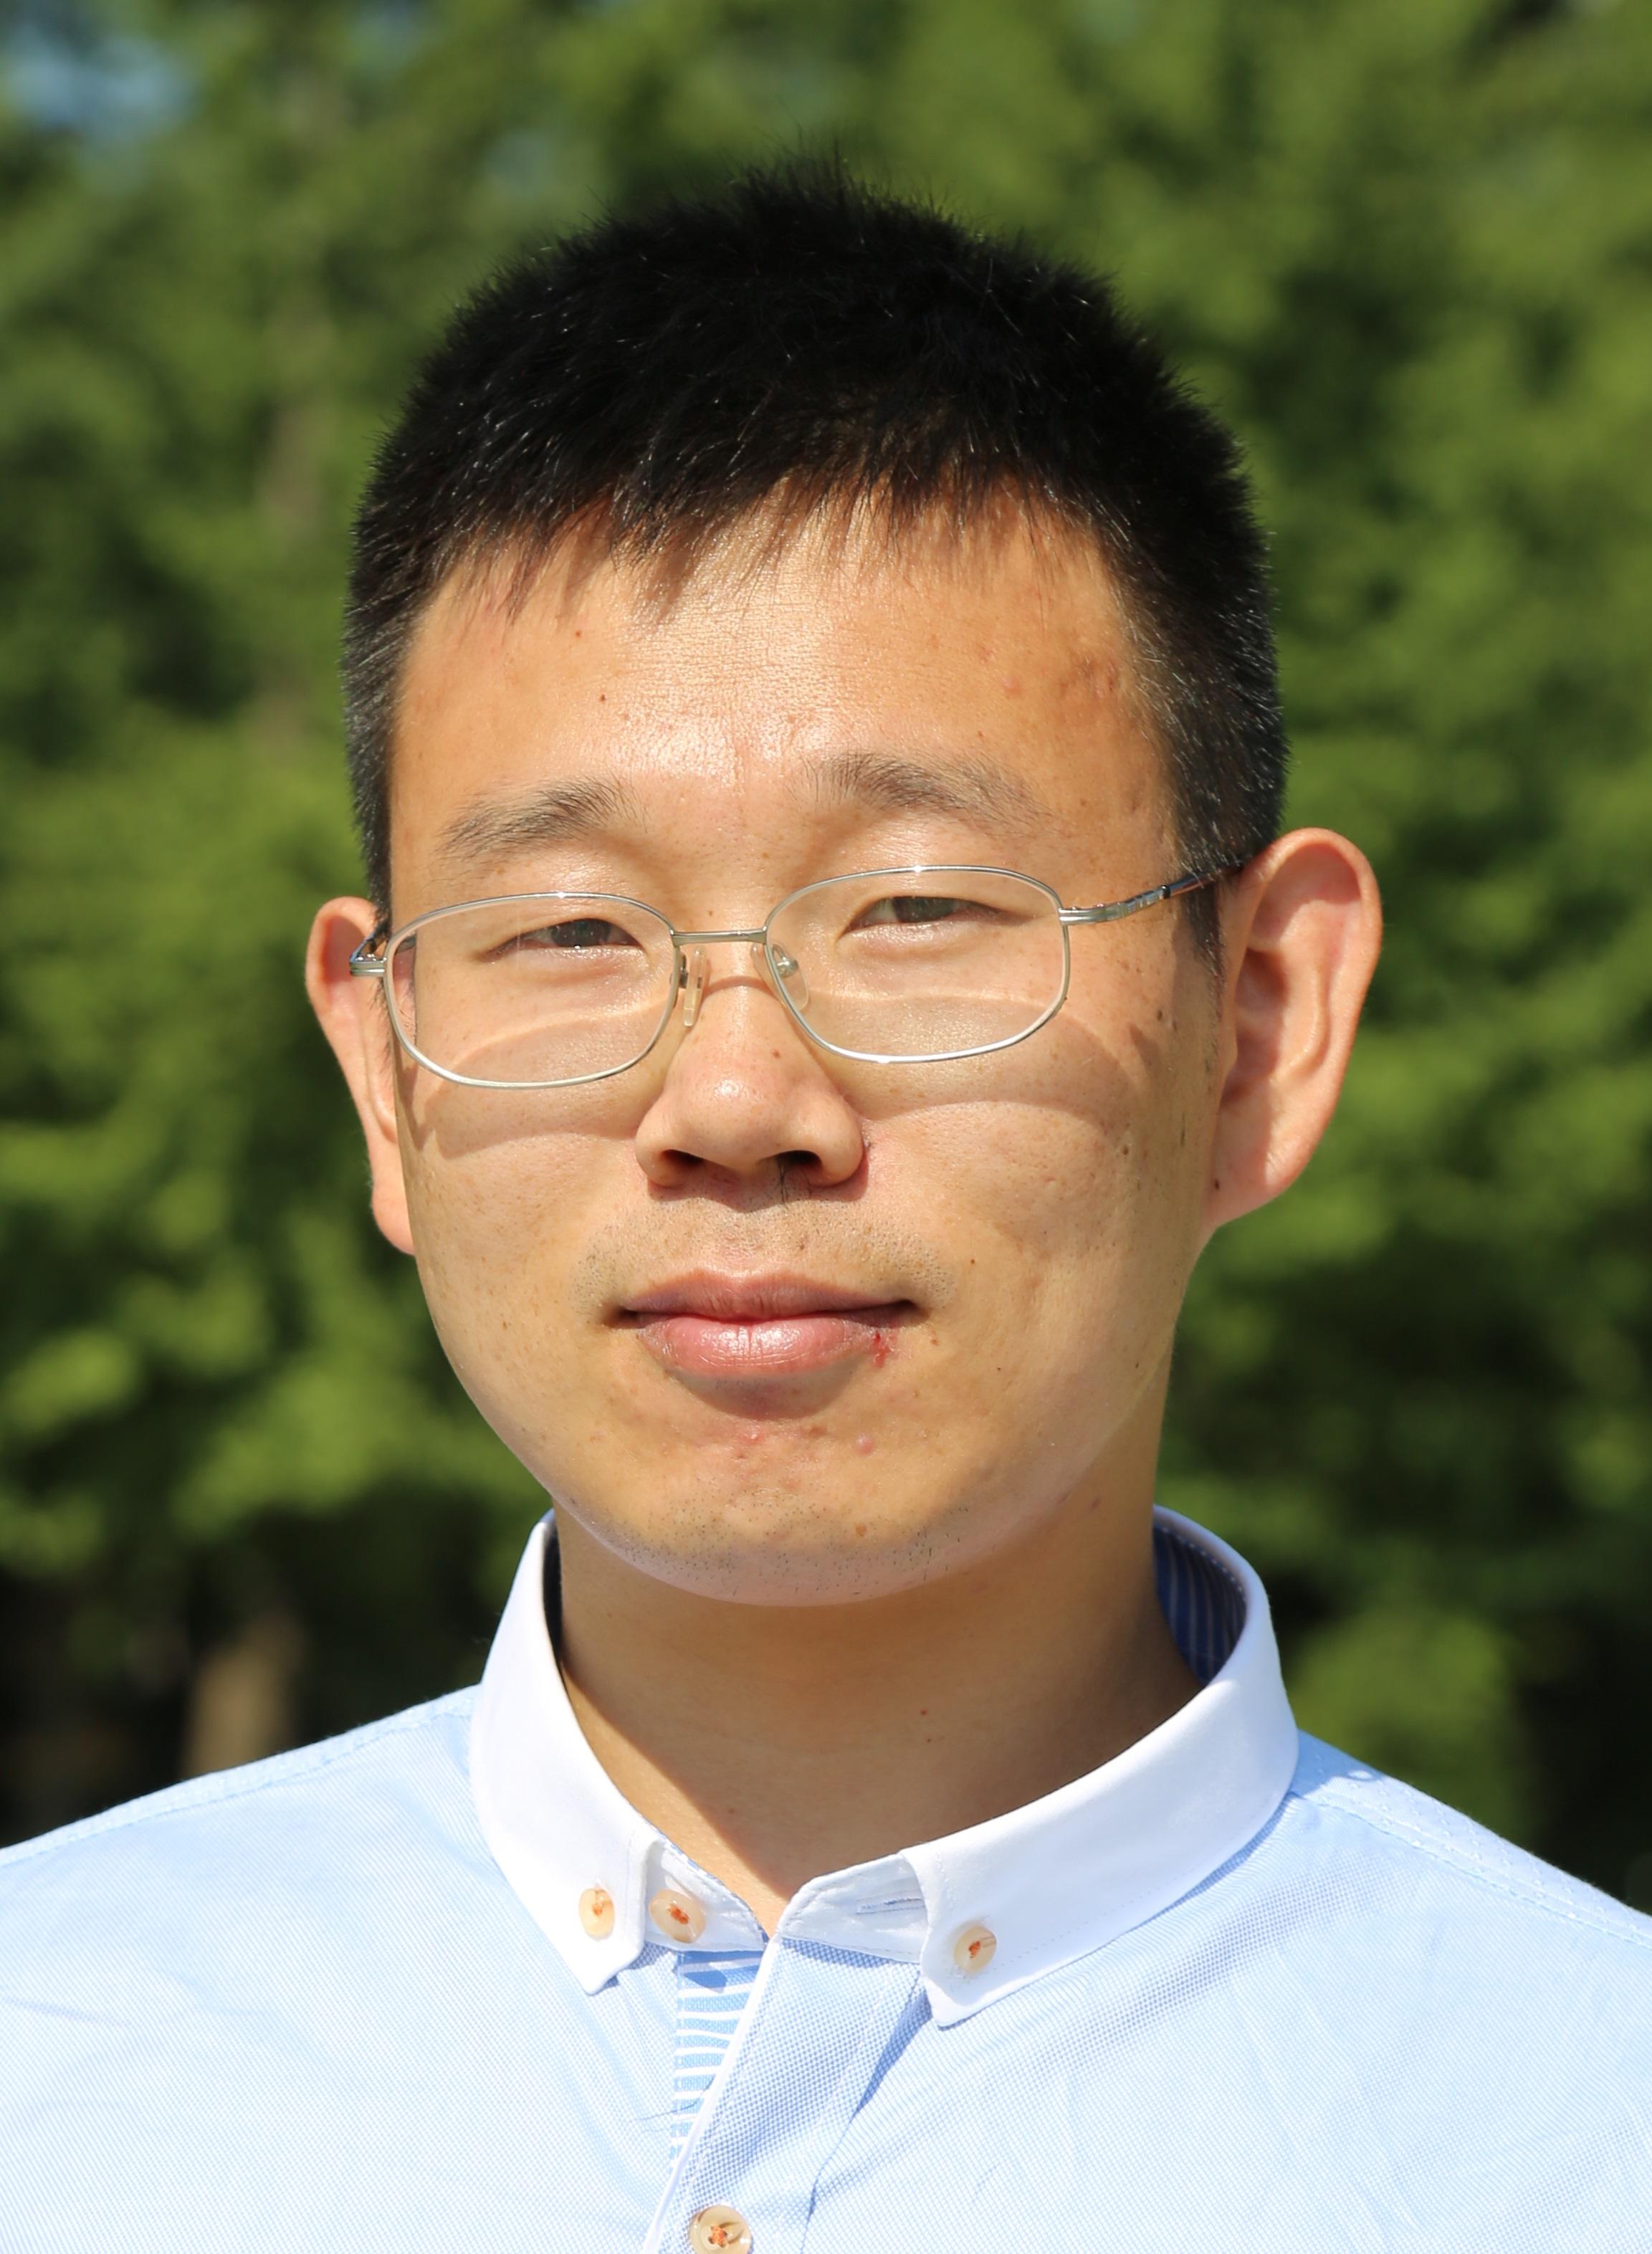 Hanzhong Liu